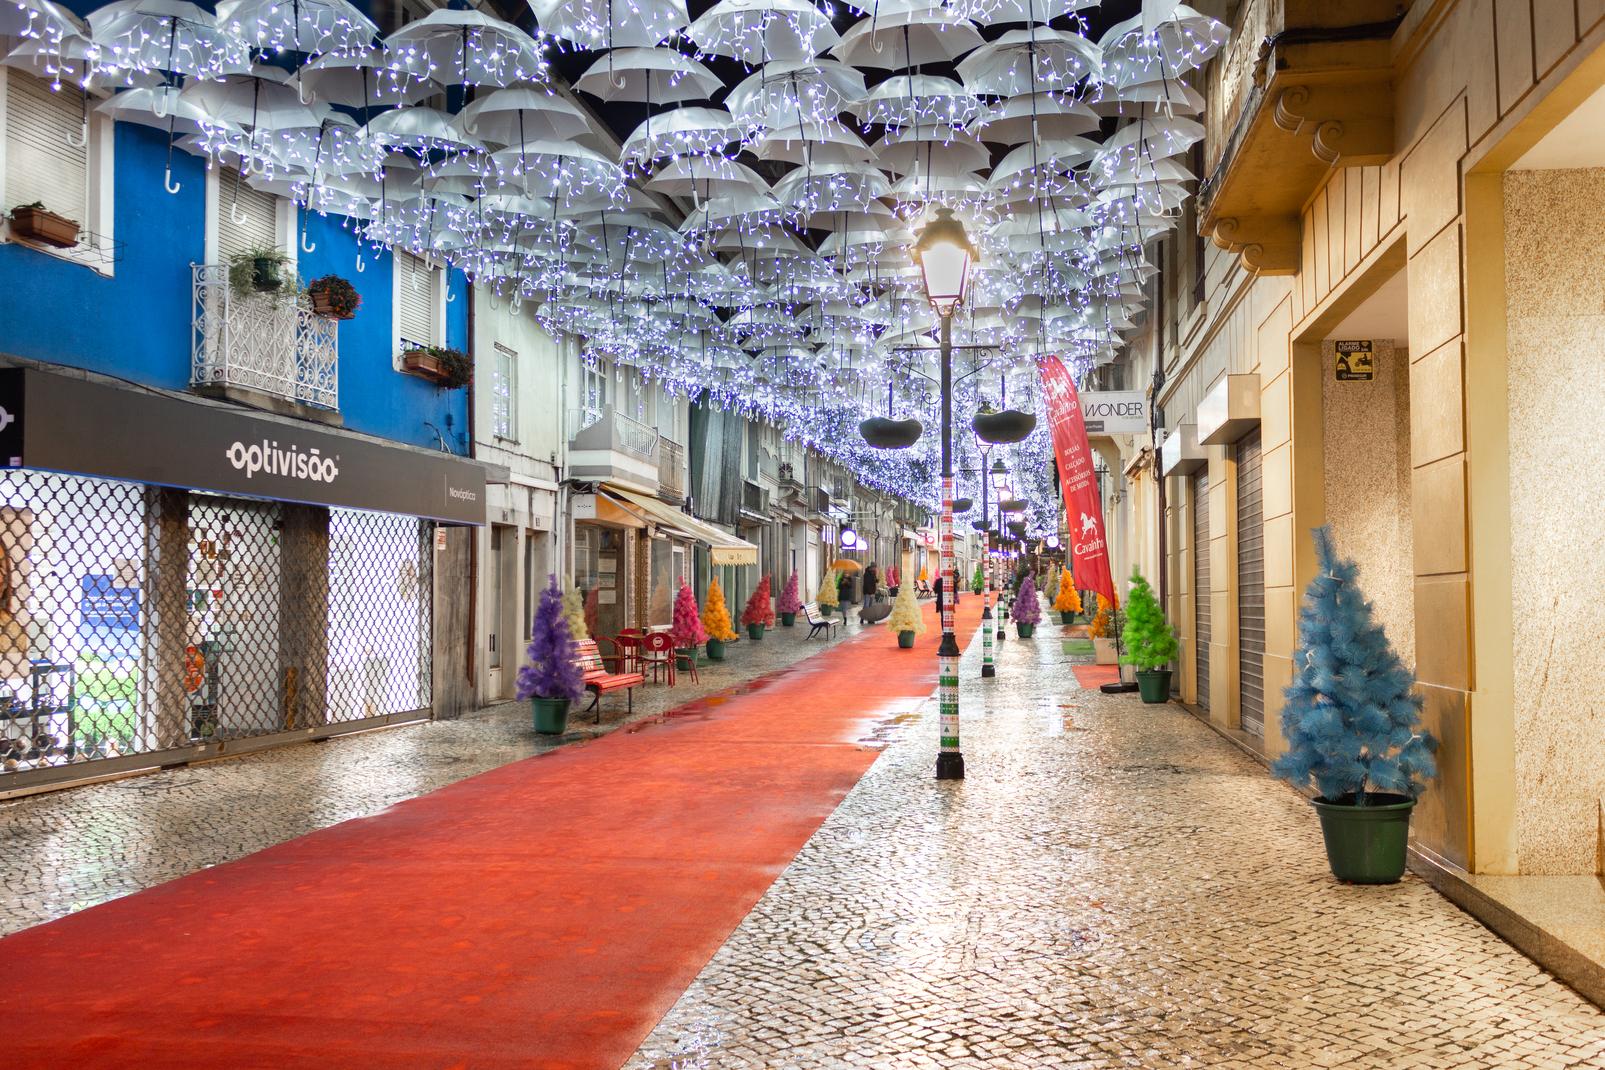 Le paradis ne suffit pas - Umbrella Sky, Édition de Noël